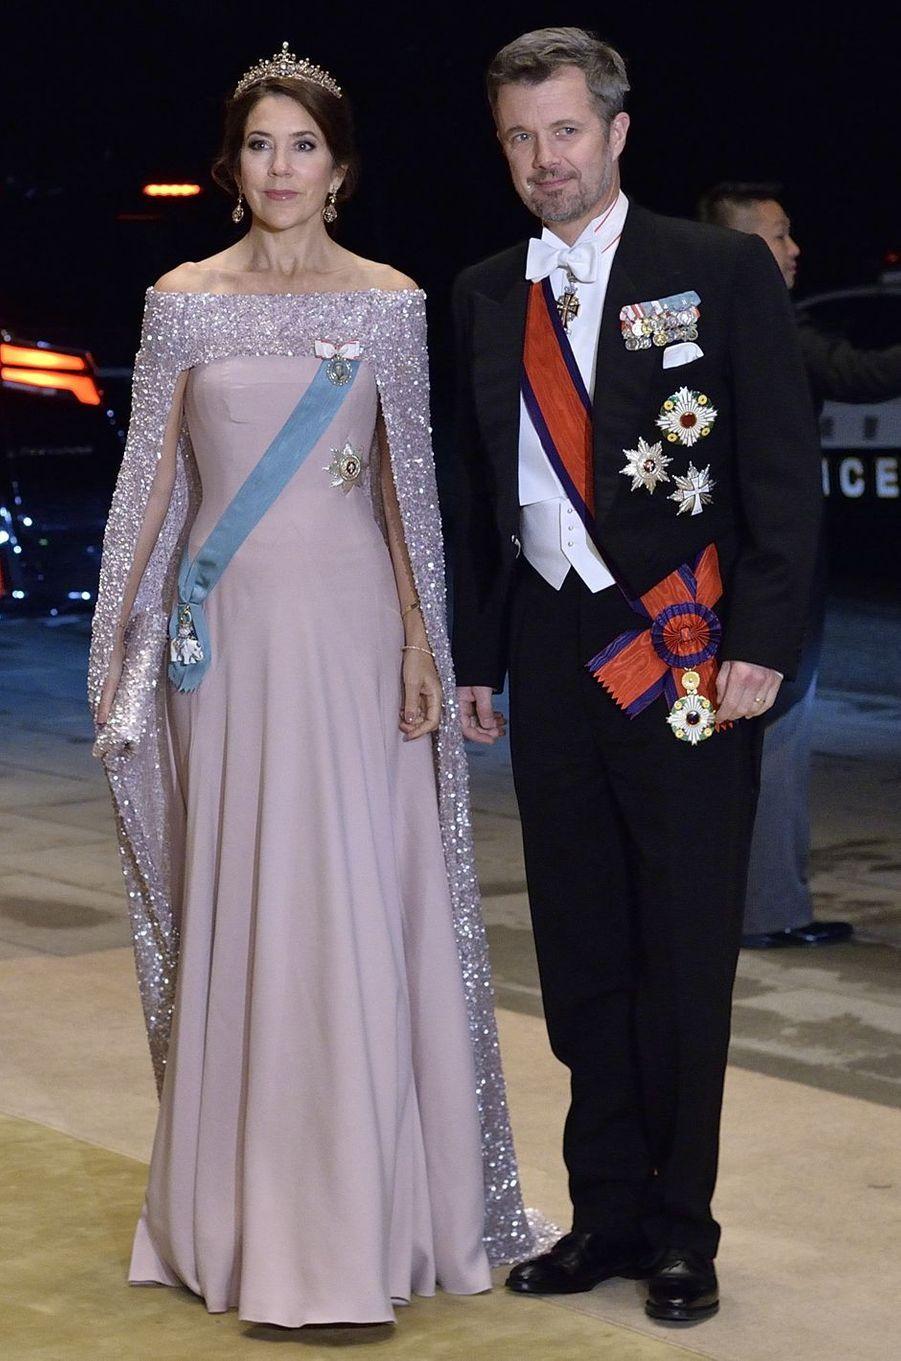 La princesse Mary de Danemark dans une robe Birgit Hallstein et une cape Jesper Hovring, à Tokyo le 22 octobre 2019